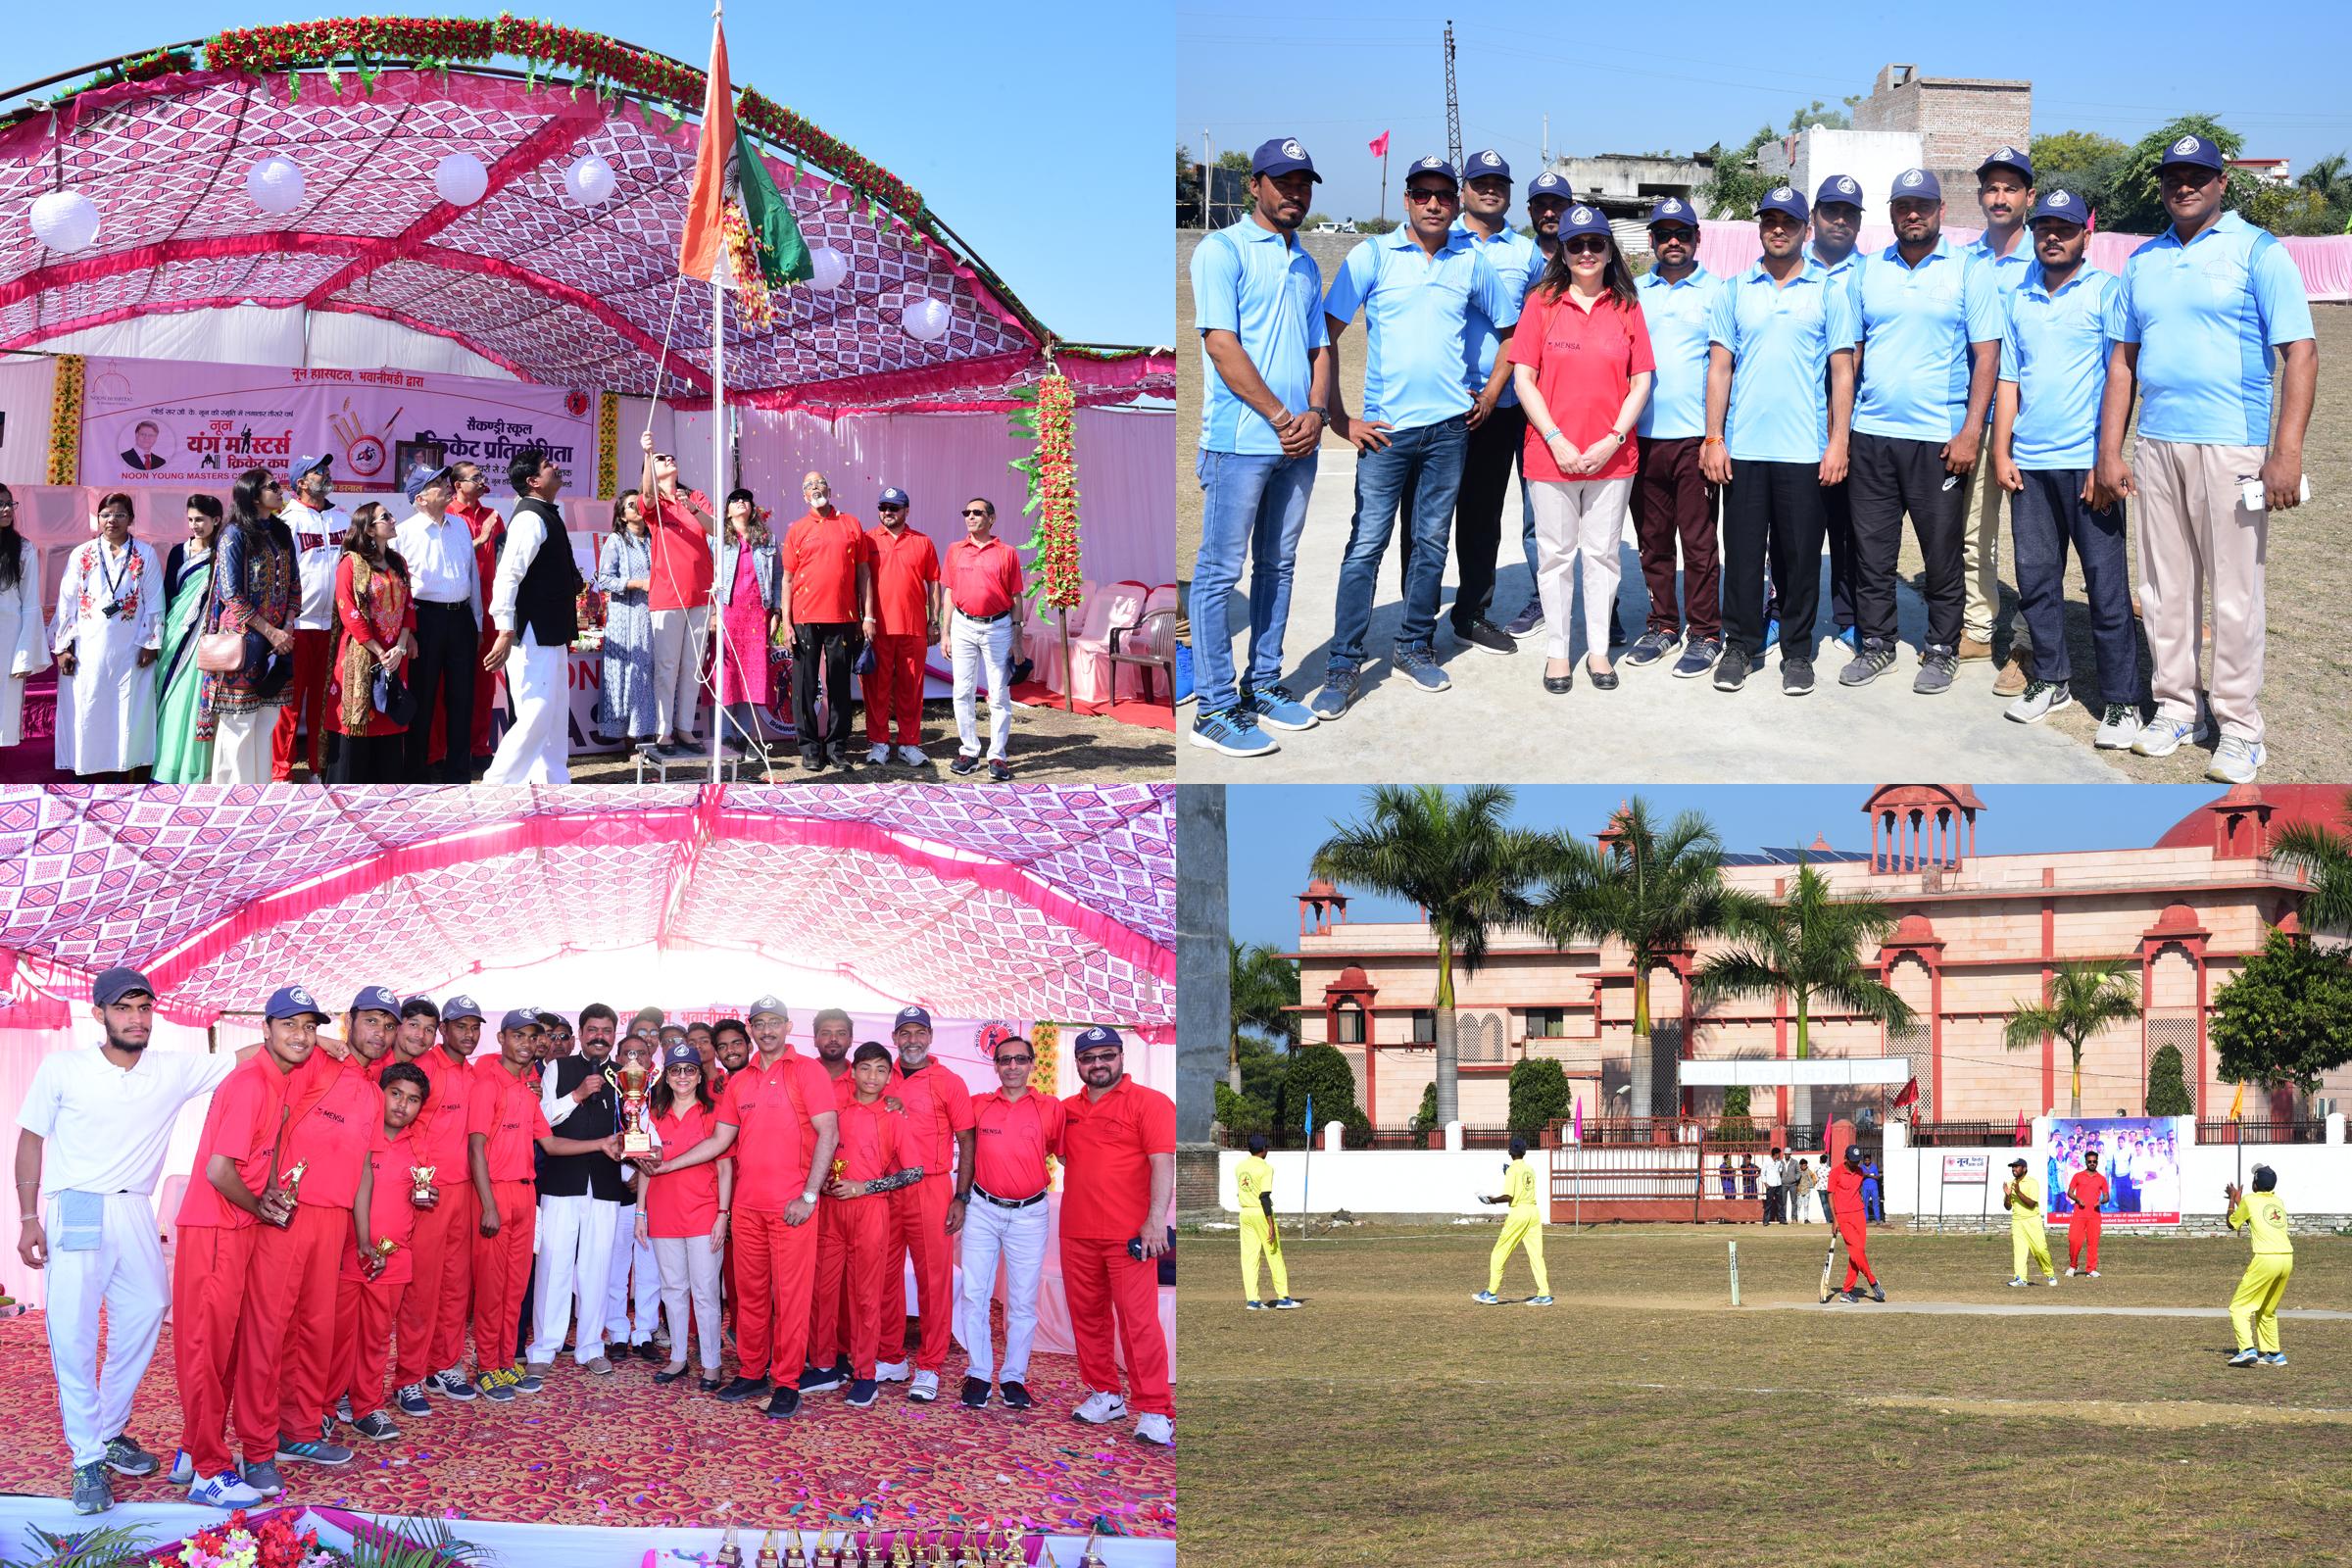 नून  युवा मास्टर क्रिकेट कप टूर्नामेंट समापन समारोह